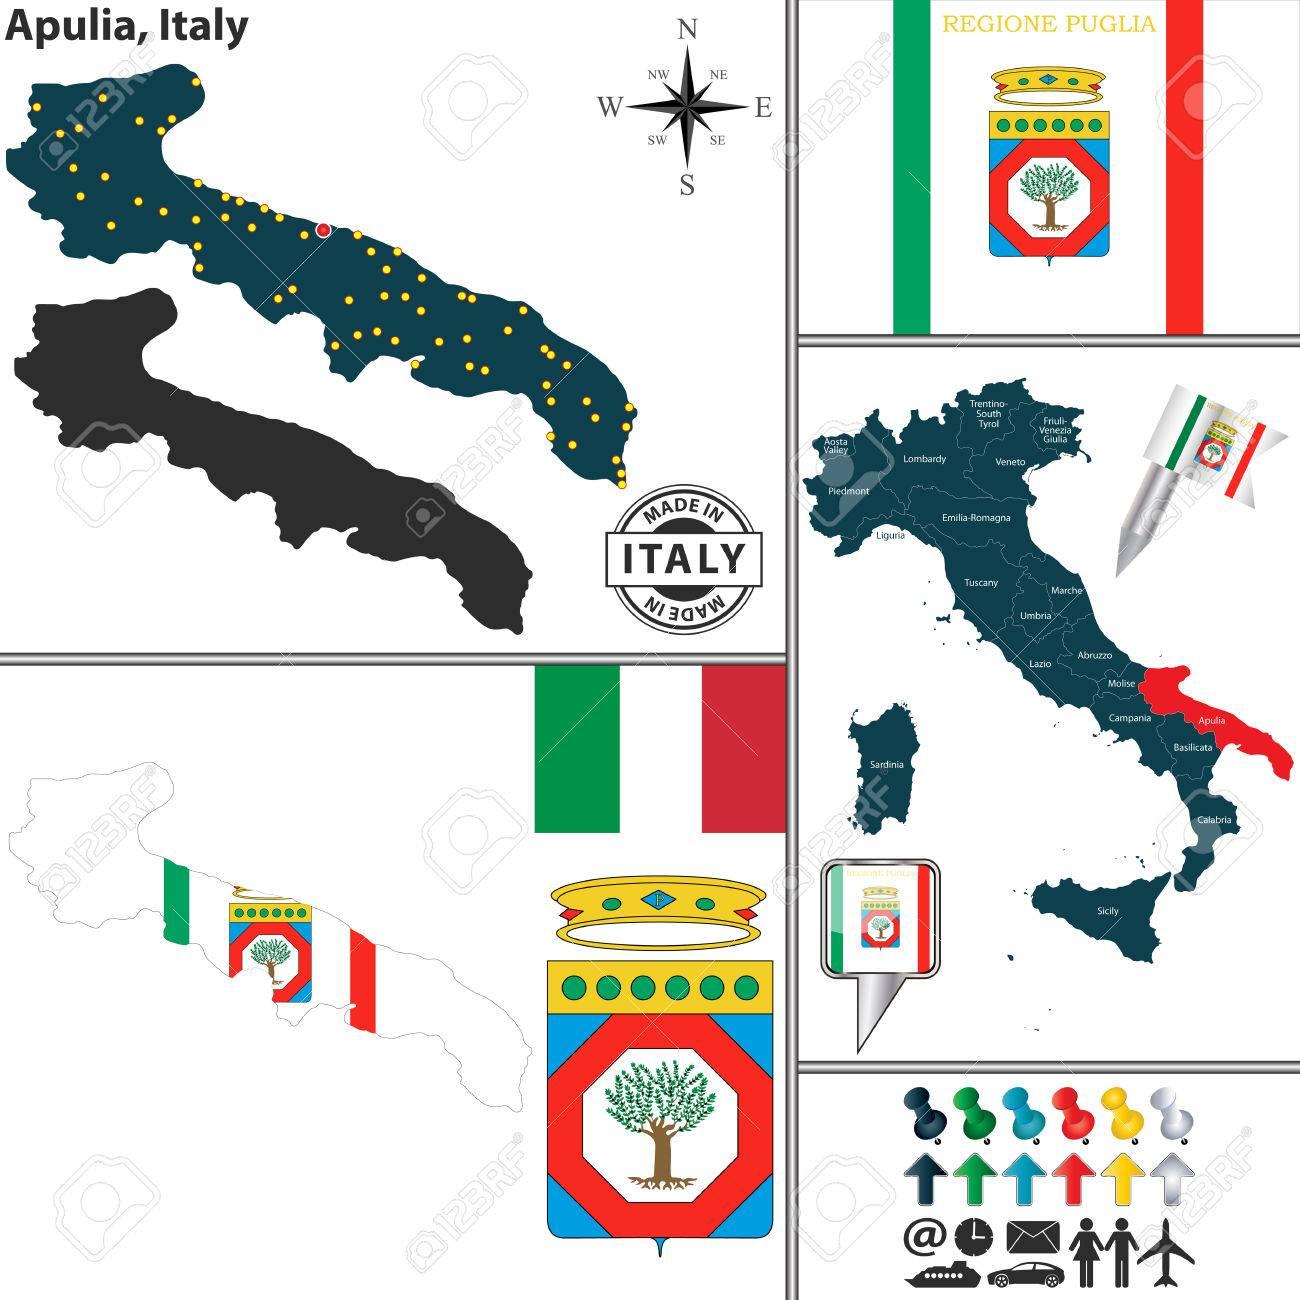 Vecteur Carte De La Region Pouilles Avec Des Armoiries Et L Emplacement Sur La Carte Italie Clip Art Libres De Droits Vecteurs Et Illustration Image 36769098